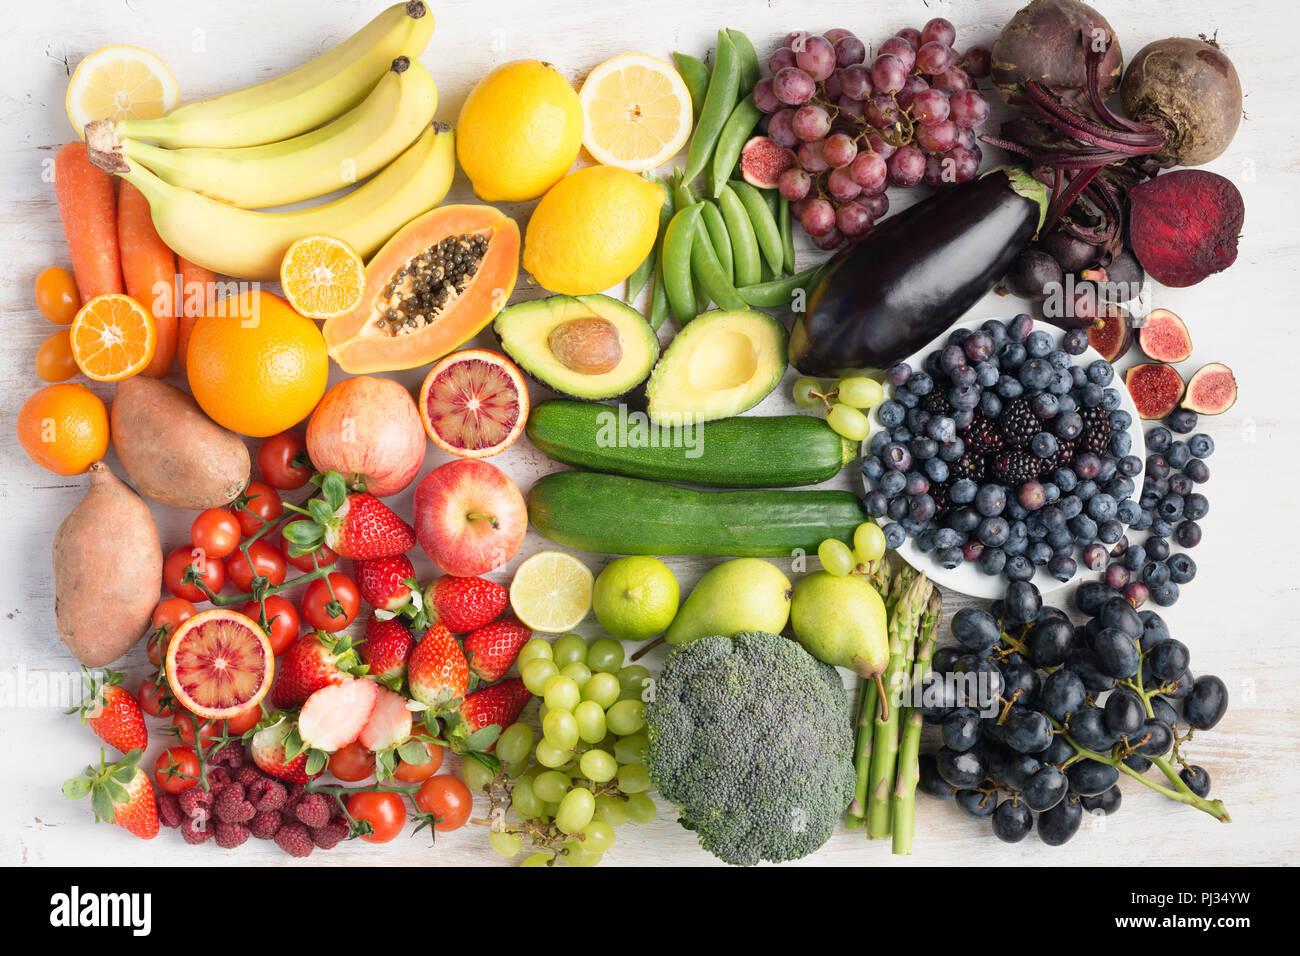 Mangiare sano concetto, assortimento di rainbow frutta e ortaggi, frutti di bosco, banane, arance, uve, broccoli, barbabietole rosse sul bianco tavola disposta in un rettangolo, vista dall'alto, il fuoco selettivo Immagini Stock